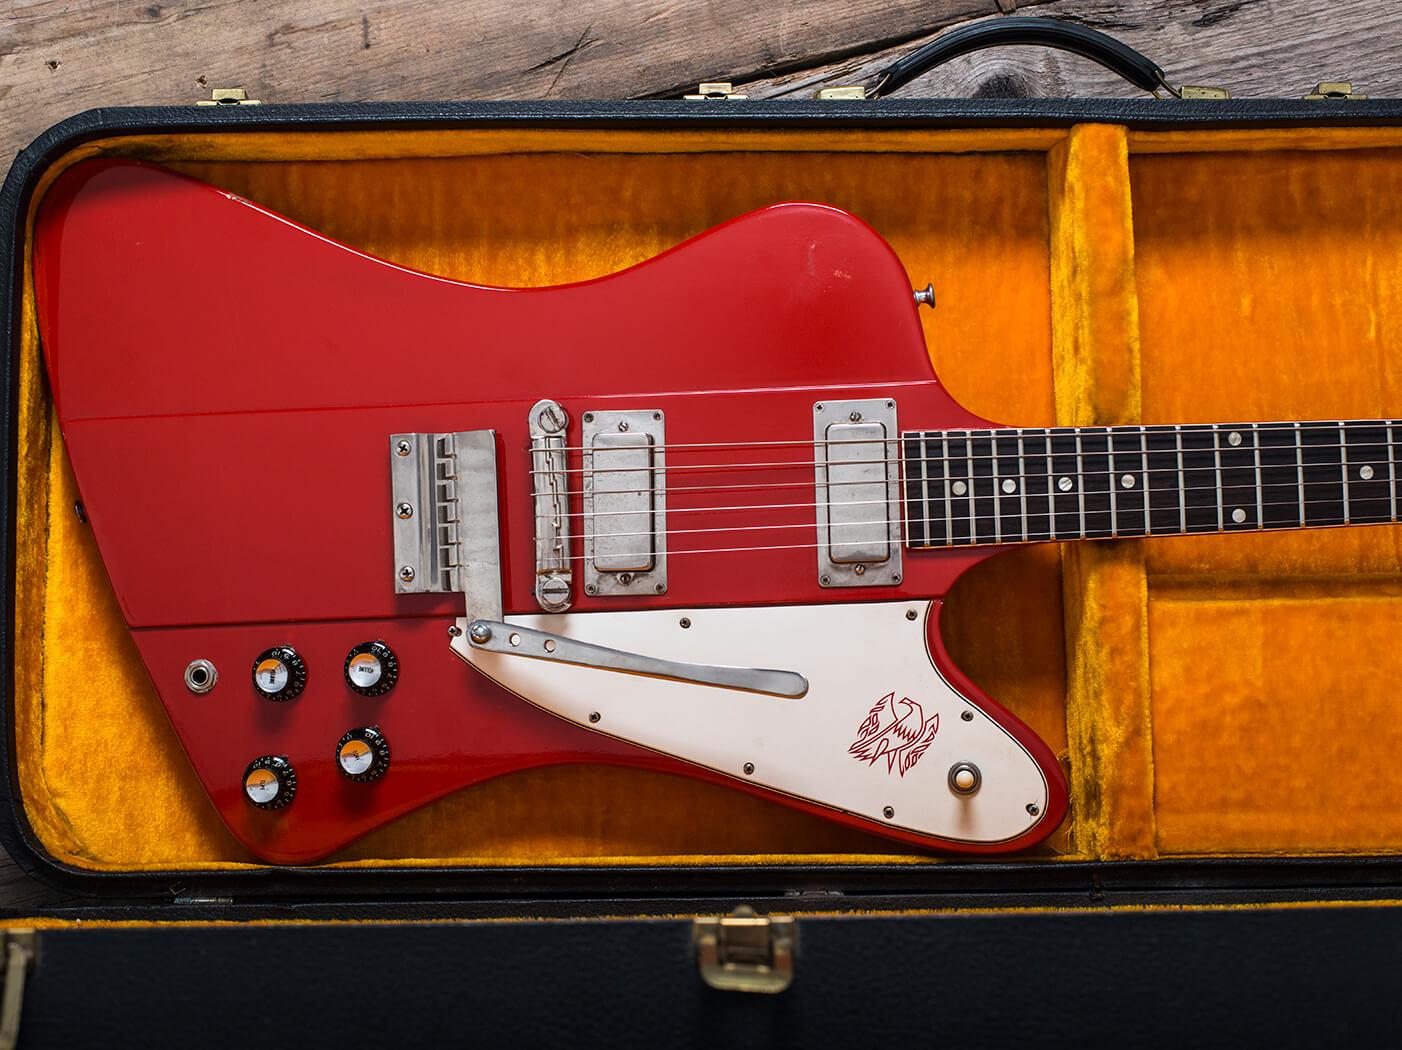 Gibson Firebird dating